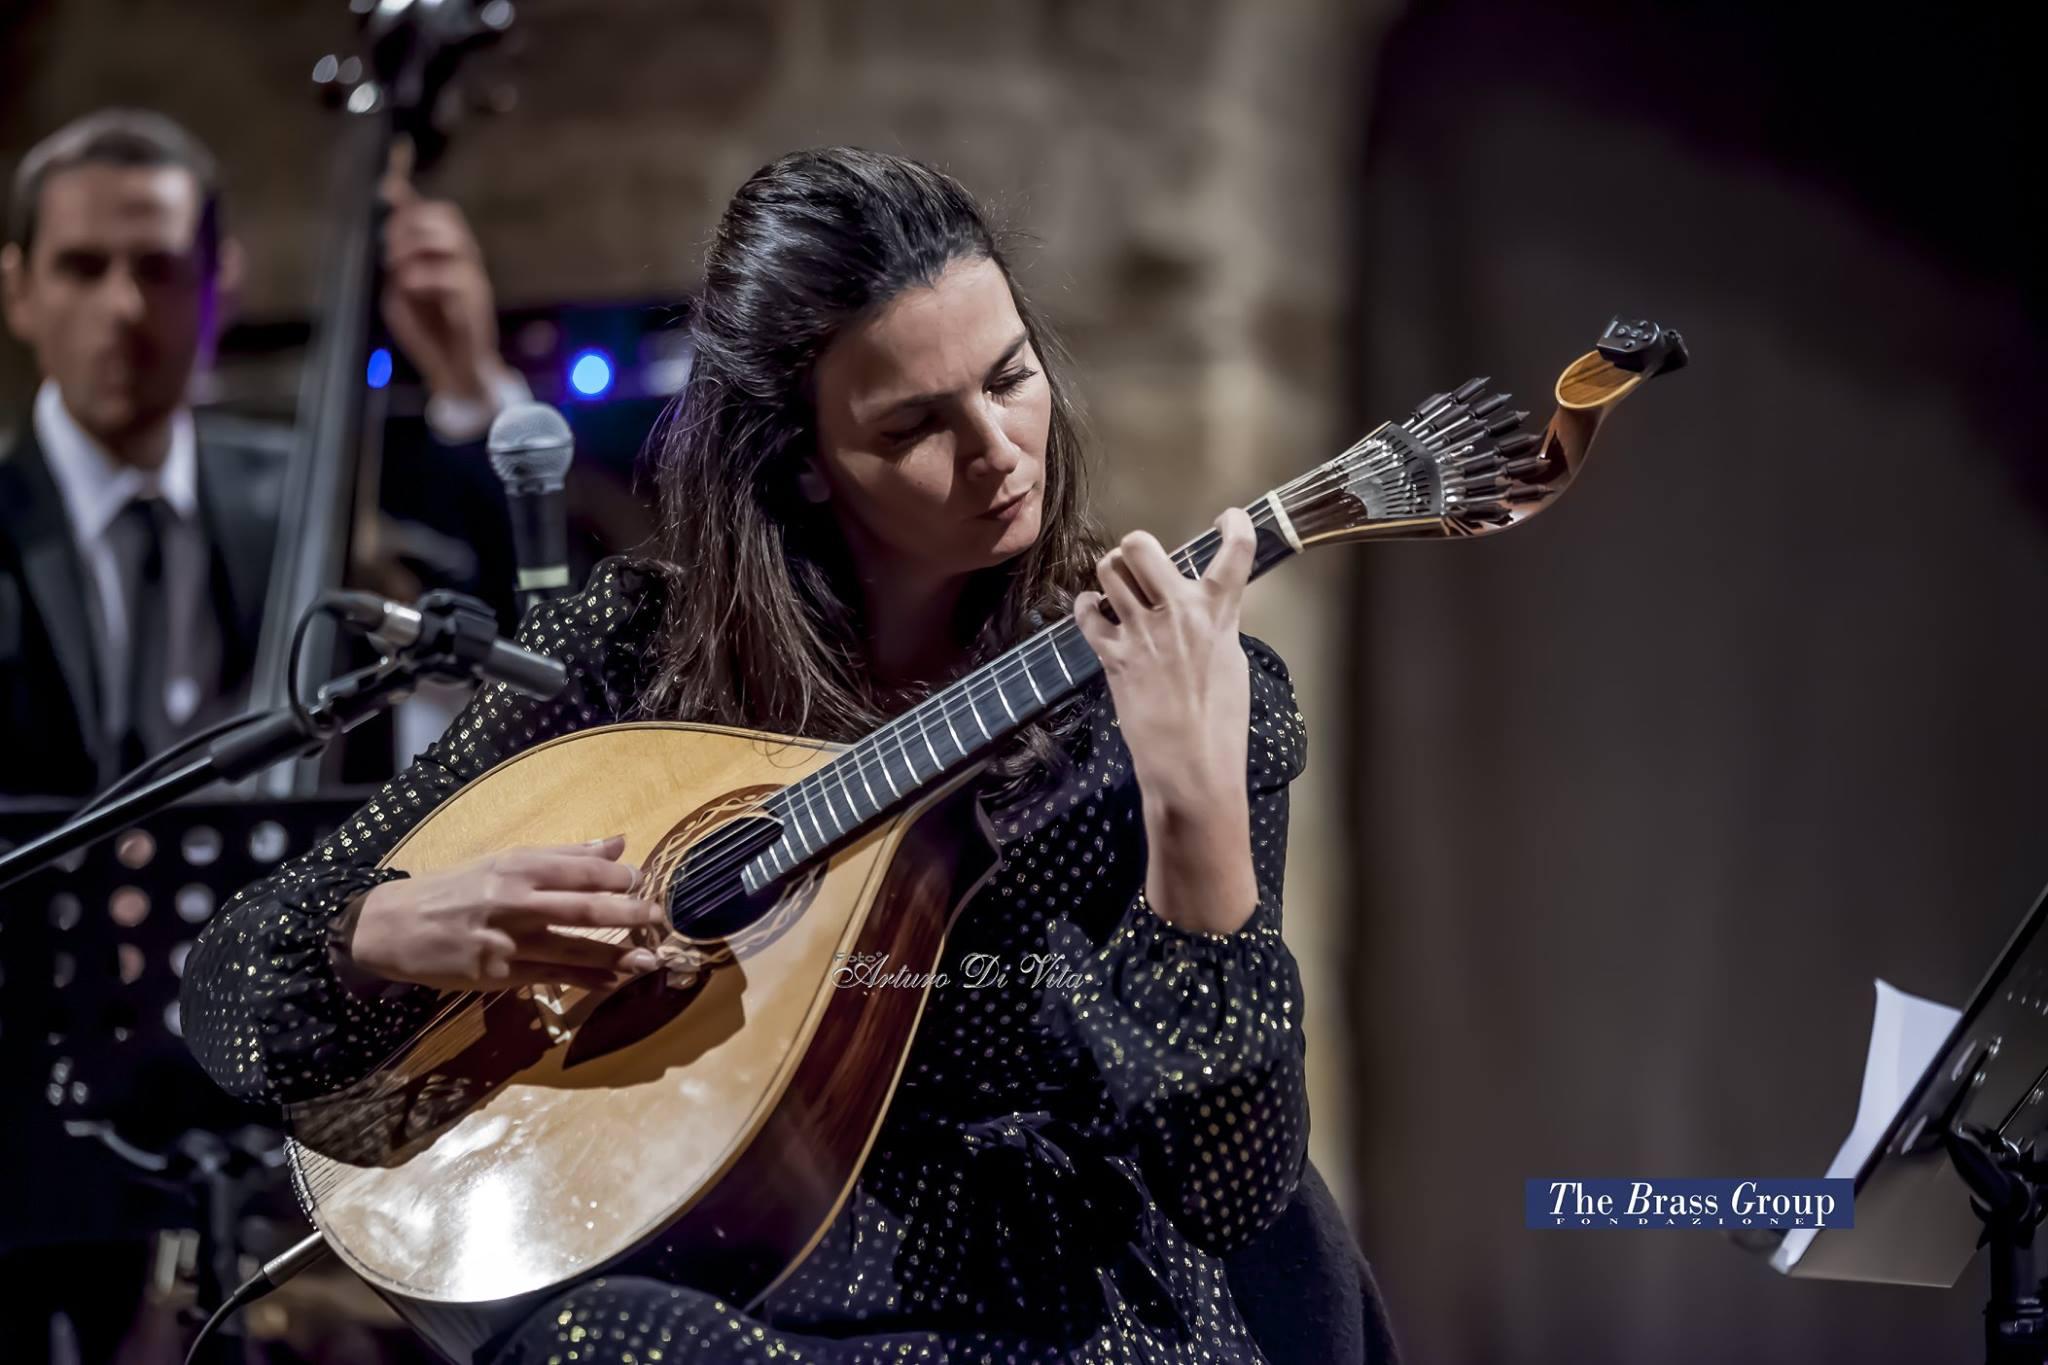 Marta Pereira da Costa Italy  4